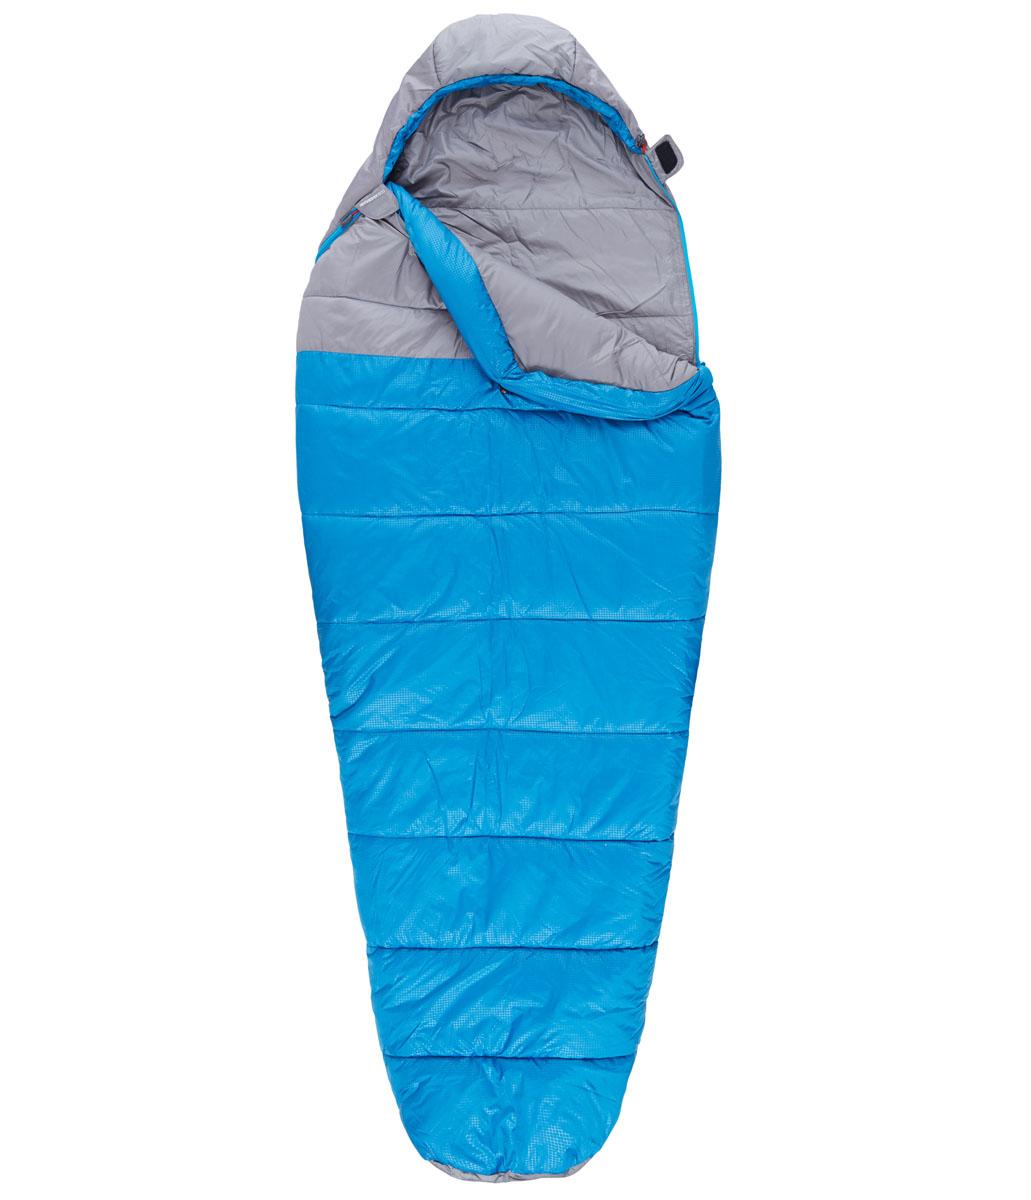 Спальный мешок The North Face Aleutian 20/-7, цвет: синий. T0A3A0M8RRH LNGT0A3A0M8RRH LNGCпальный мешок для путешествий, который можно целиком расстегнуть и расстелить в палатке. Вместительный, универсальный, теплый и комфортный.